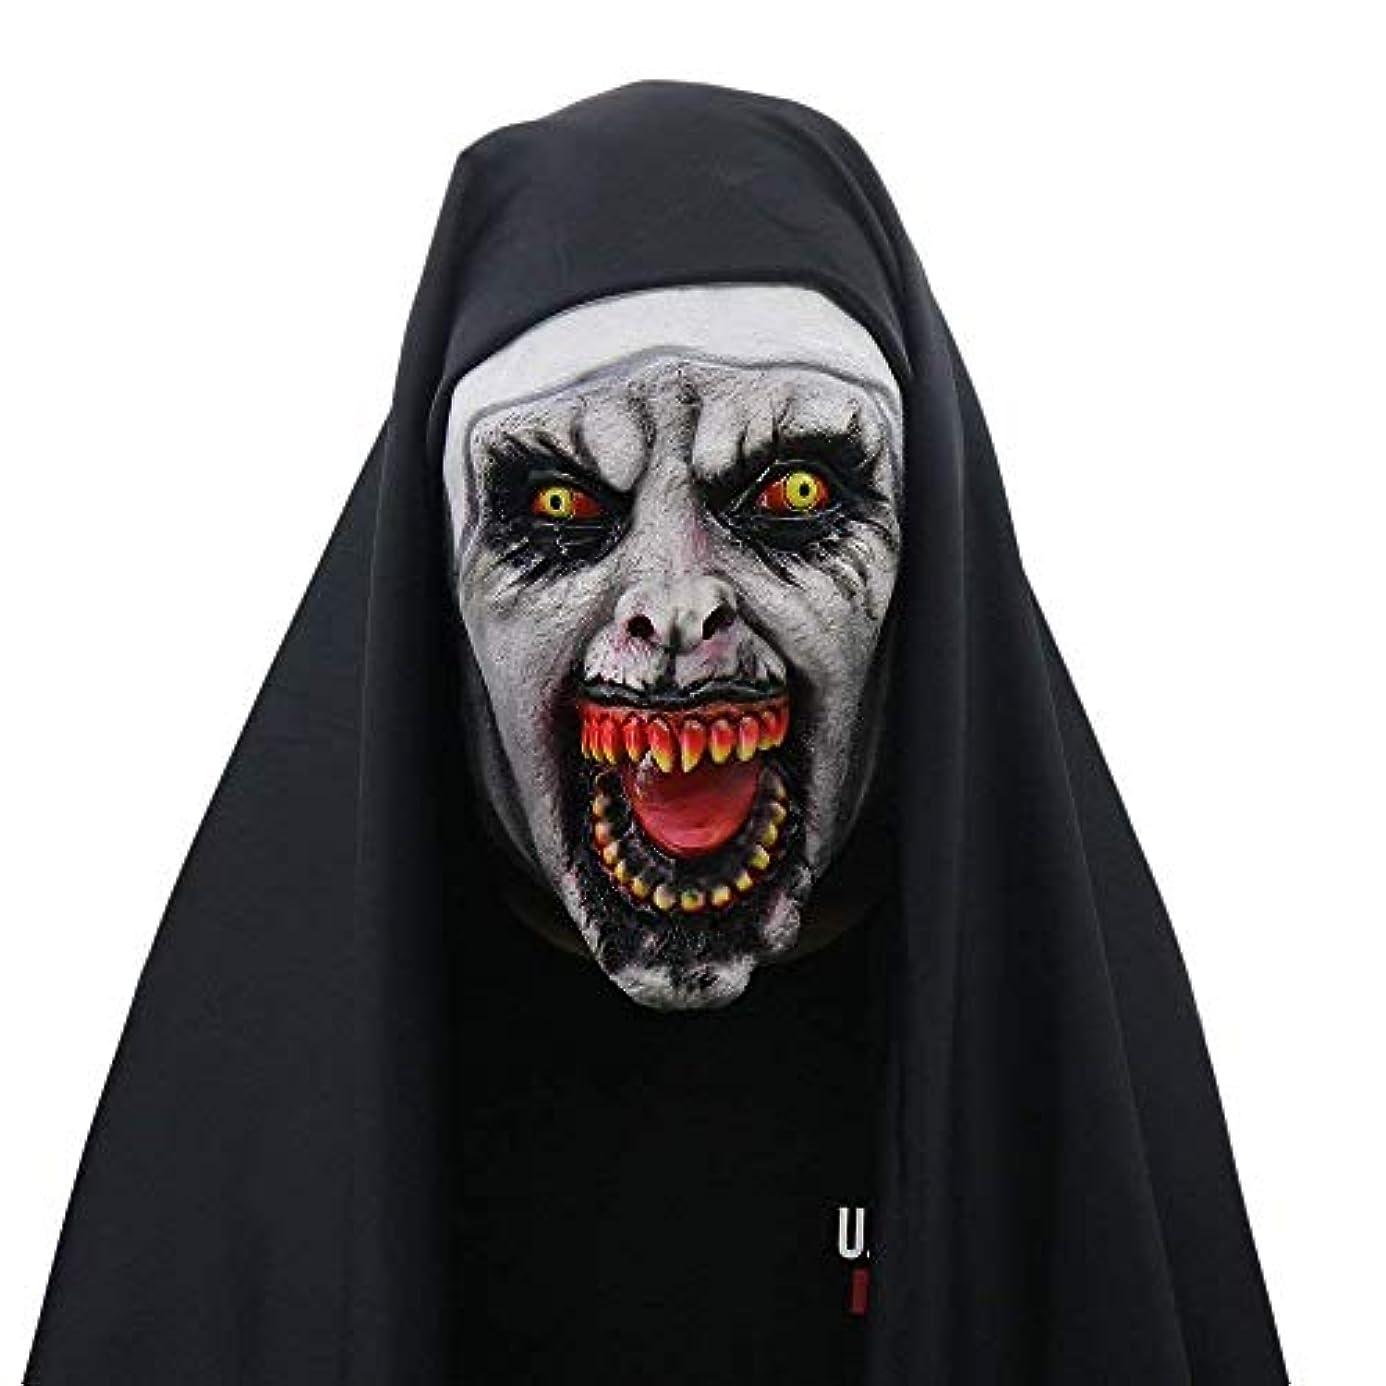 レンズパシフィックファイル女性のためのハロウィン修道女の衣装、修道女仮面の怖いベール